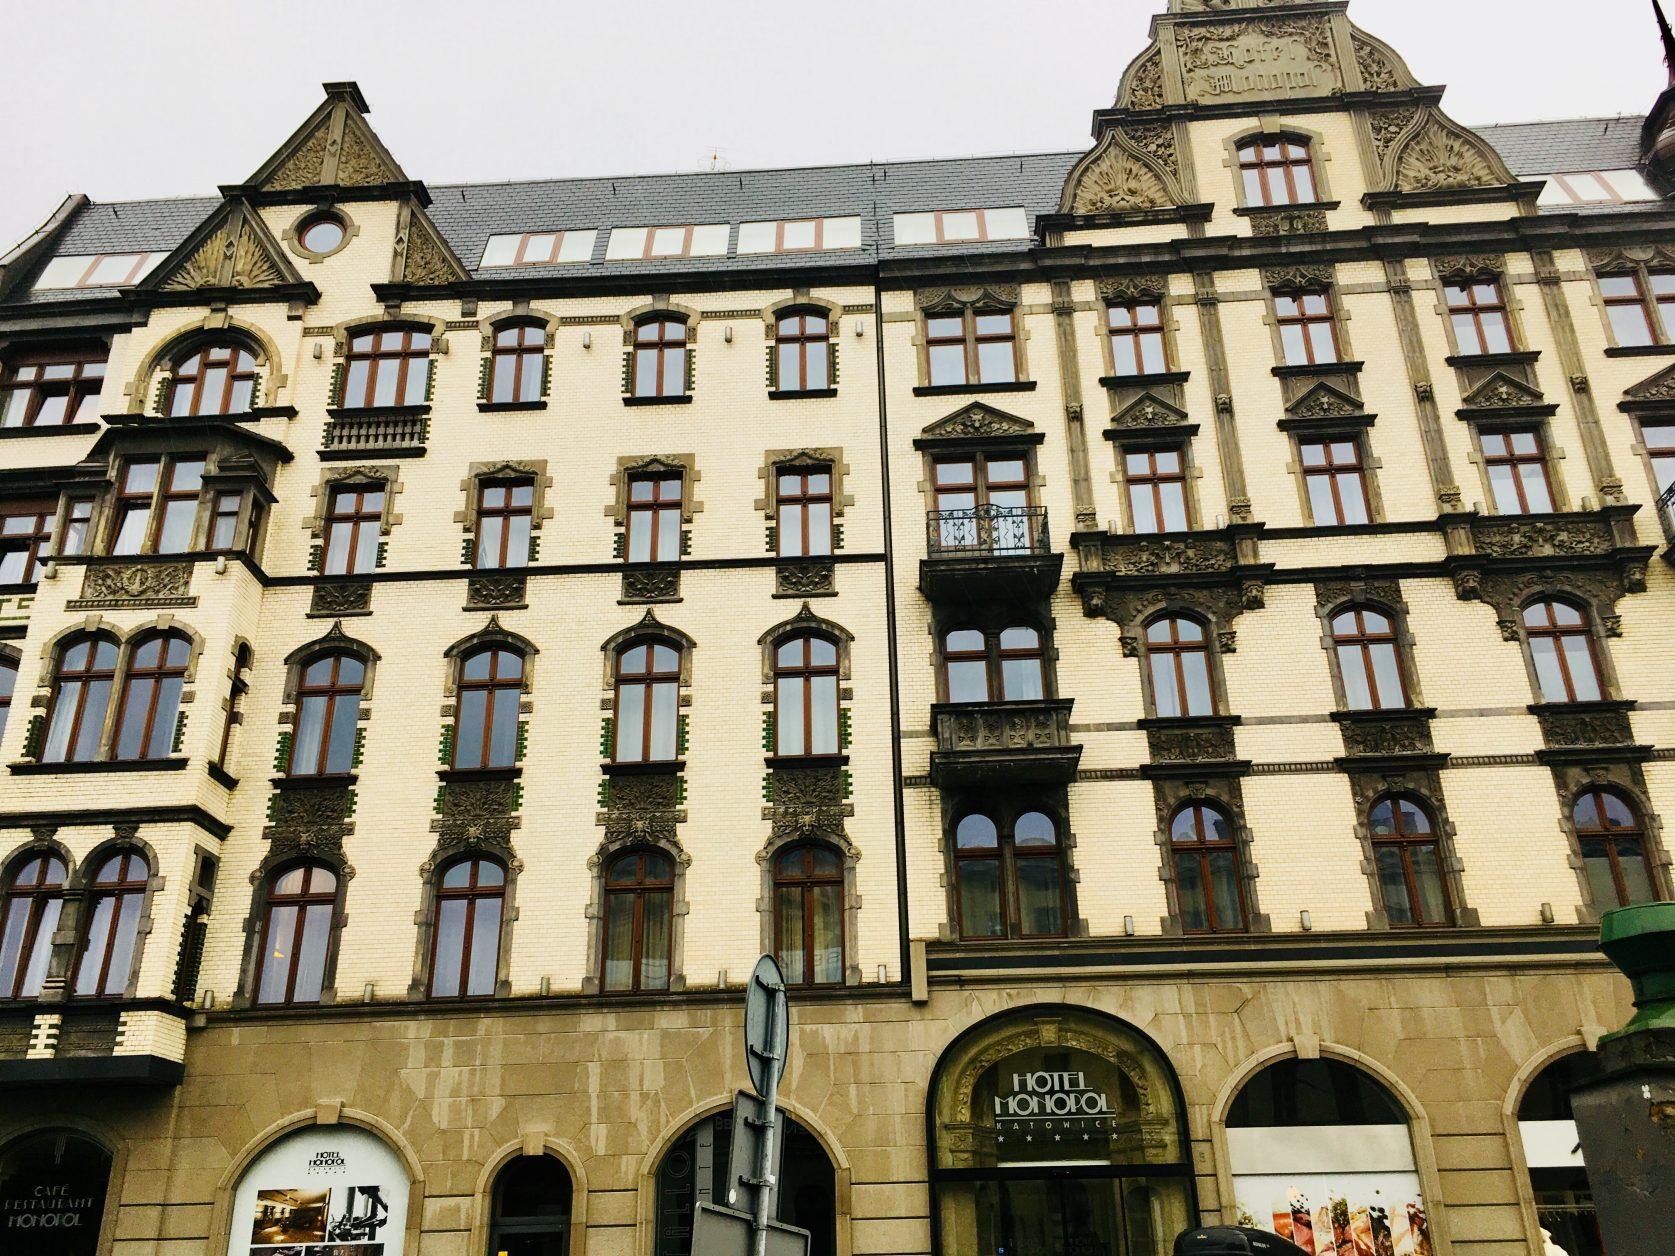 Blick auf die prächtige Fassade des Hotel Monopol in Katowice